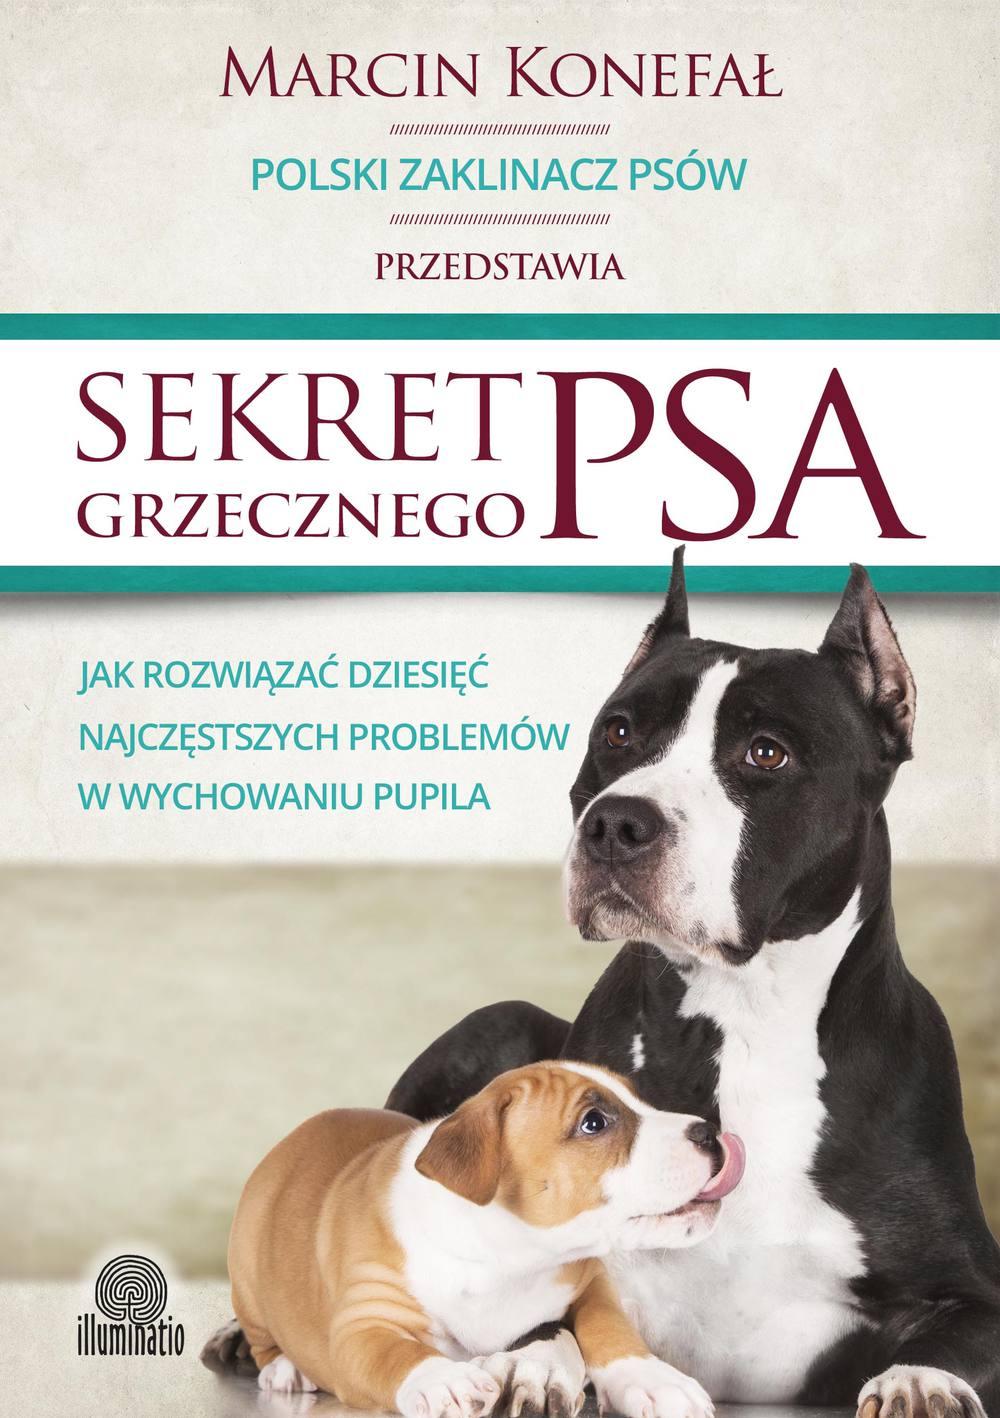 Sekret grzecznego psa. Jak rozwiązać dziesięć najczęstszych problemów w wychowaniu pupila - Ebook (Książka EPUB) do pobrania w formacie EPUB